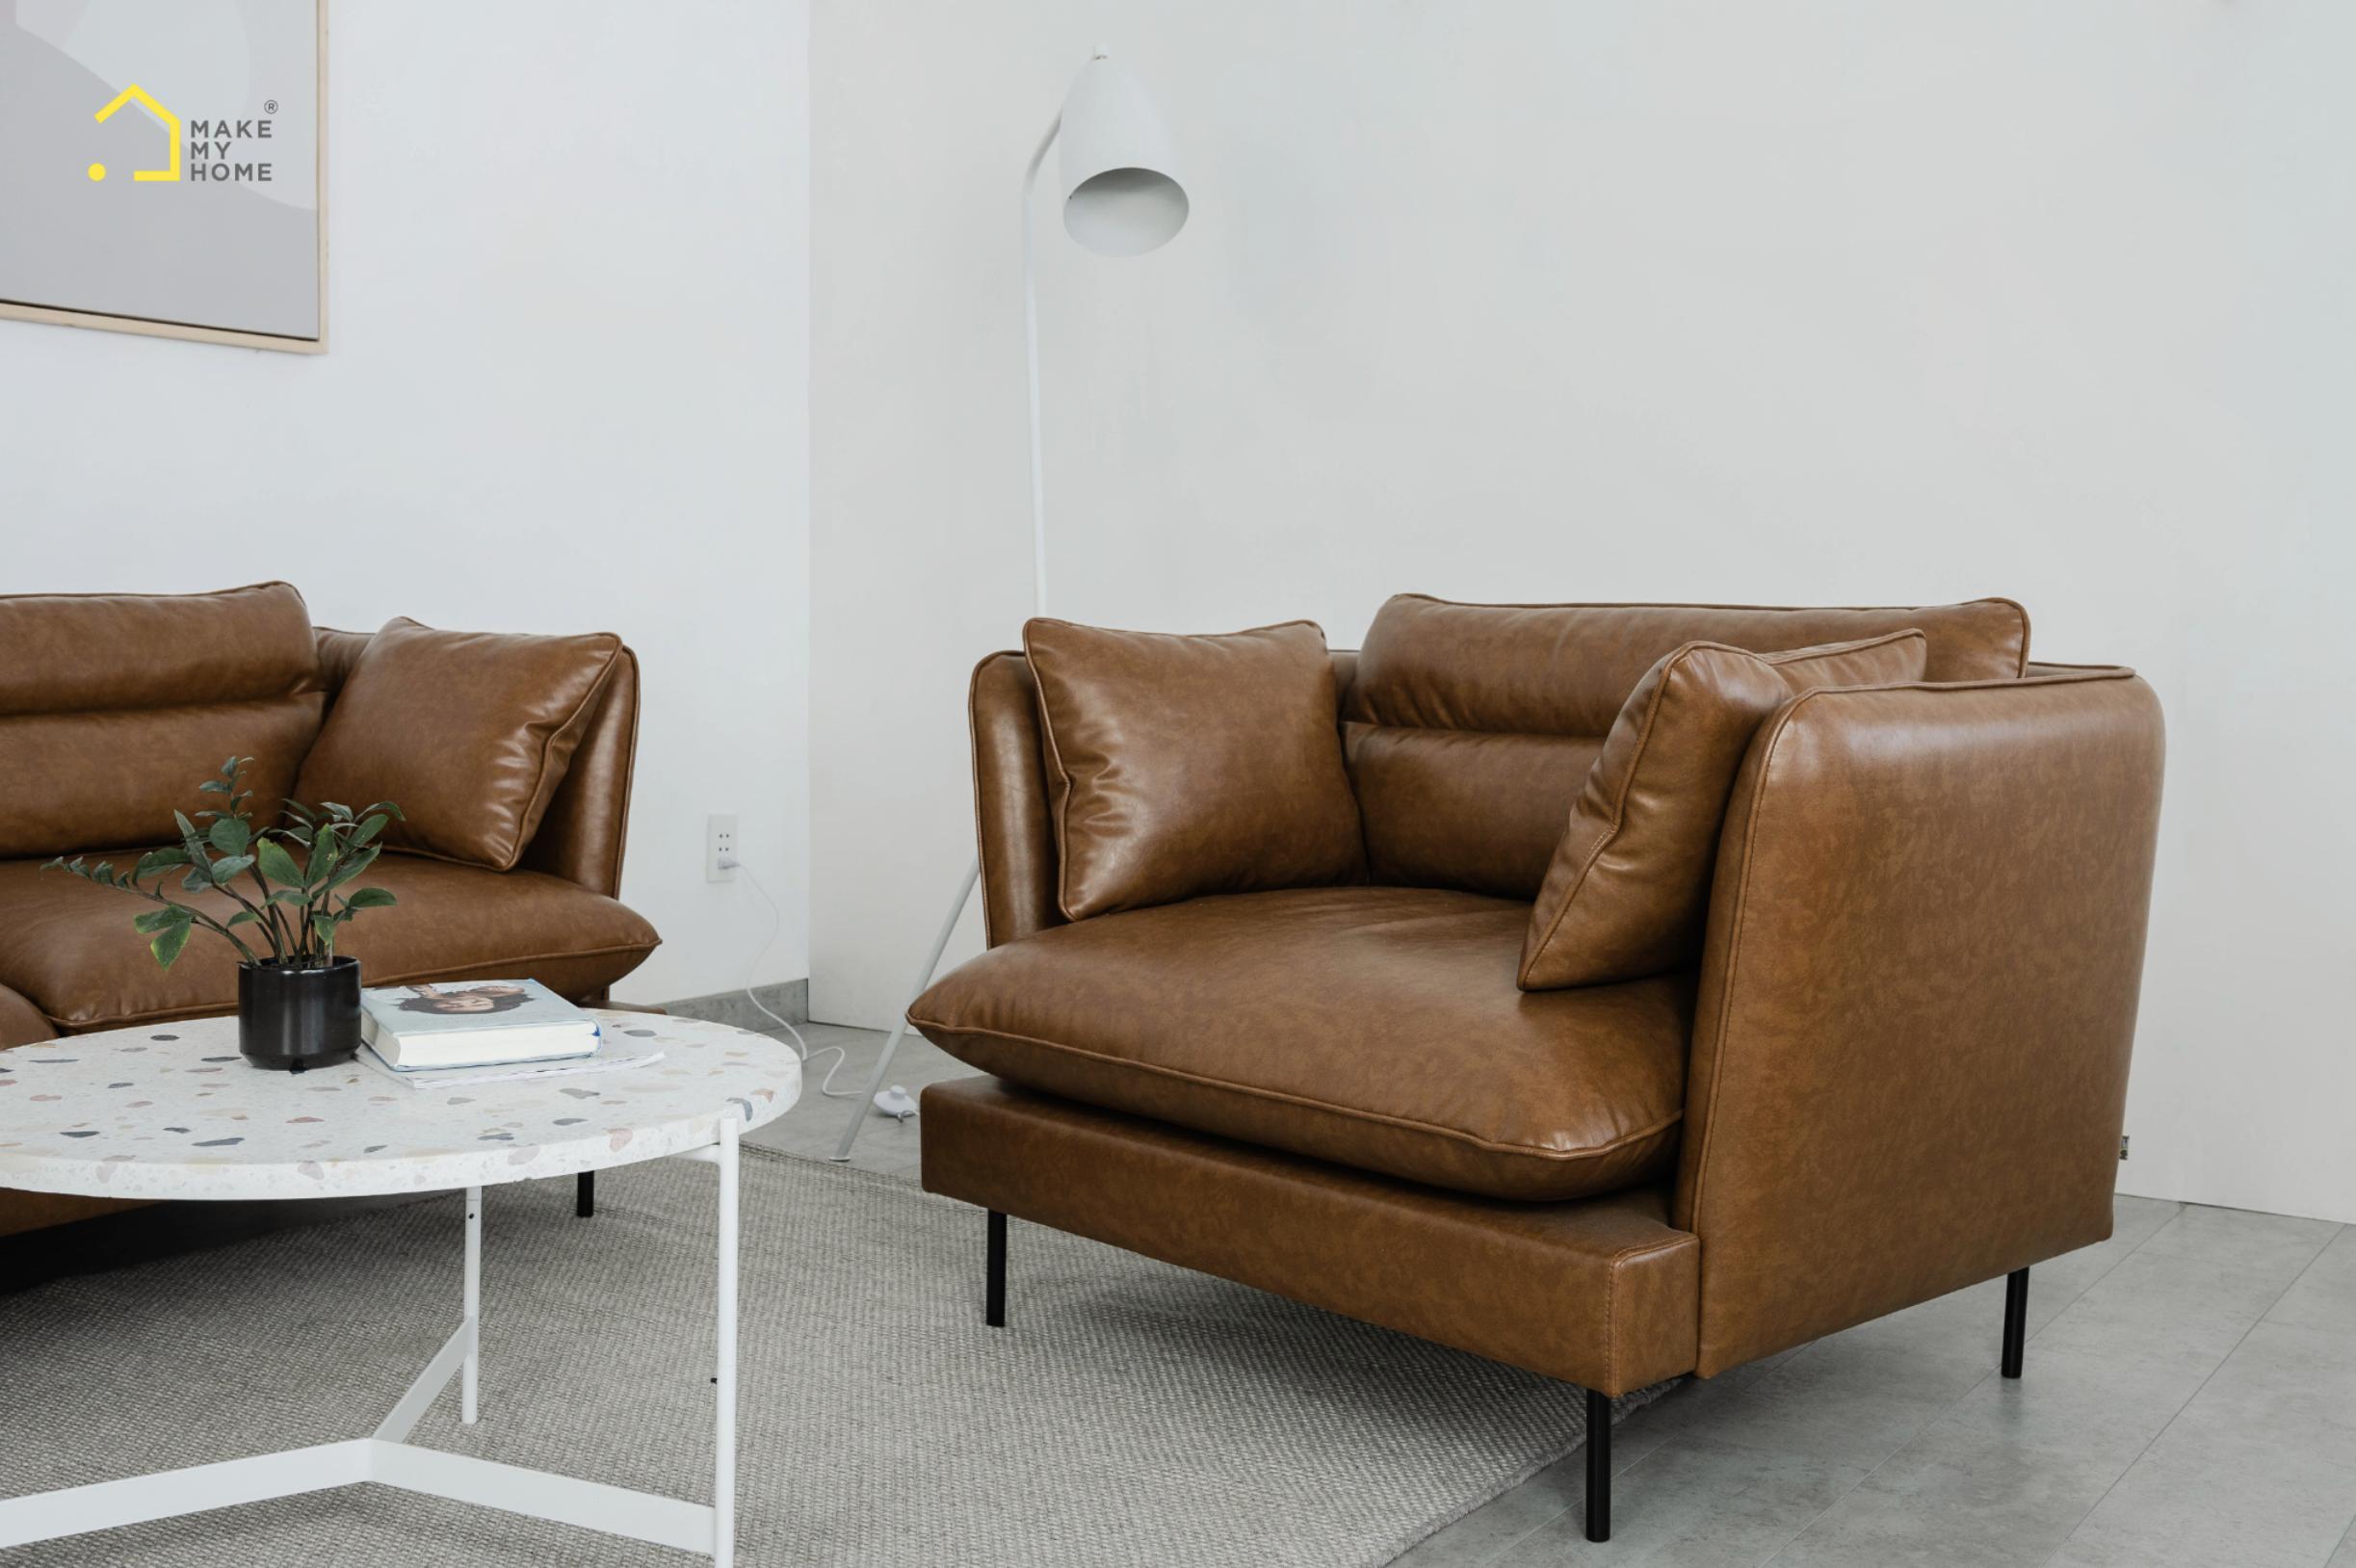 Phòng Rosé nhiều ghế lười xịn xò nhìn mê quá, sắm về dùng thì chill phải biết - Ảnh 9.